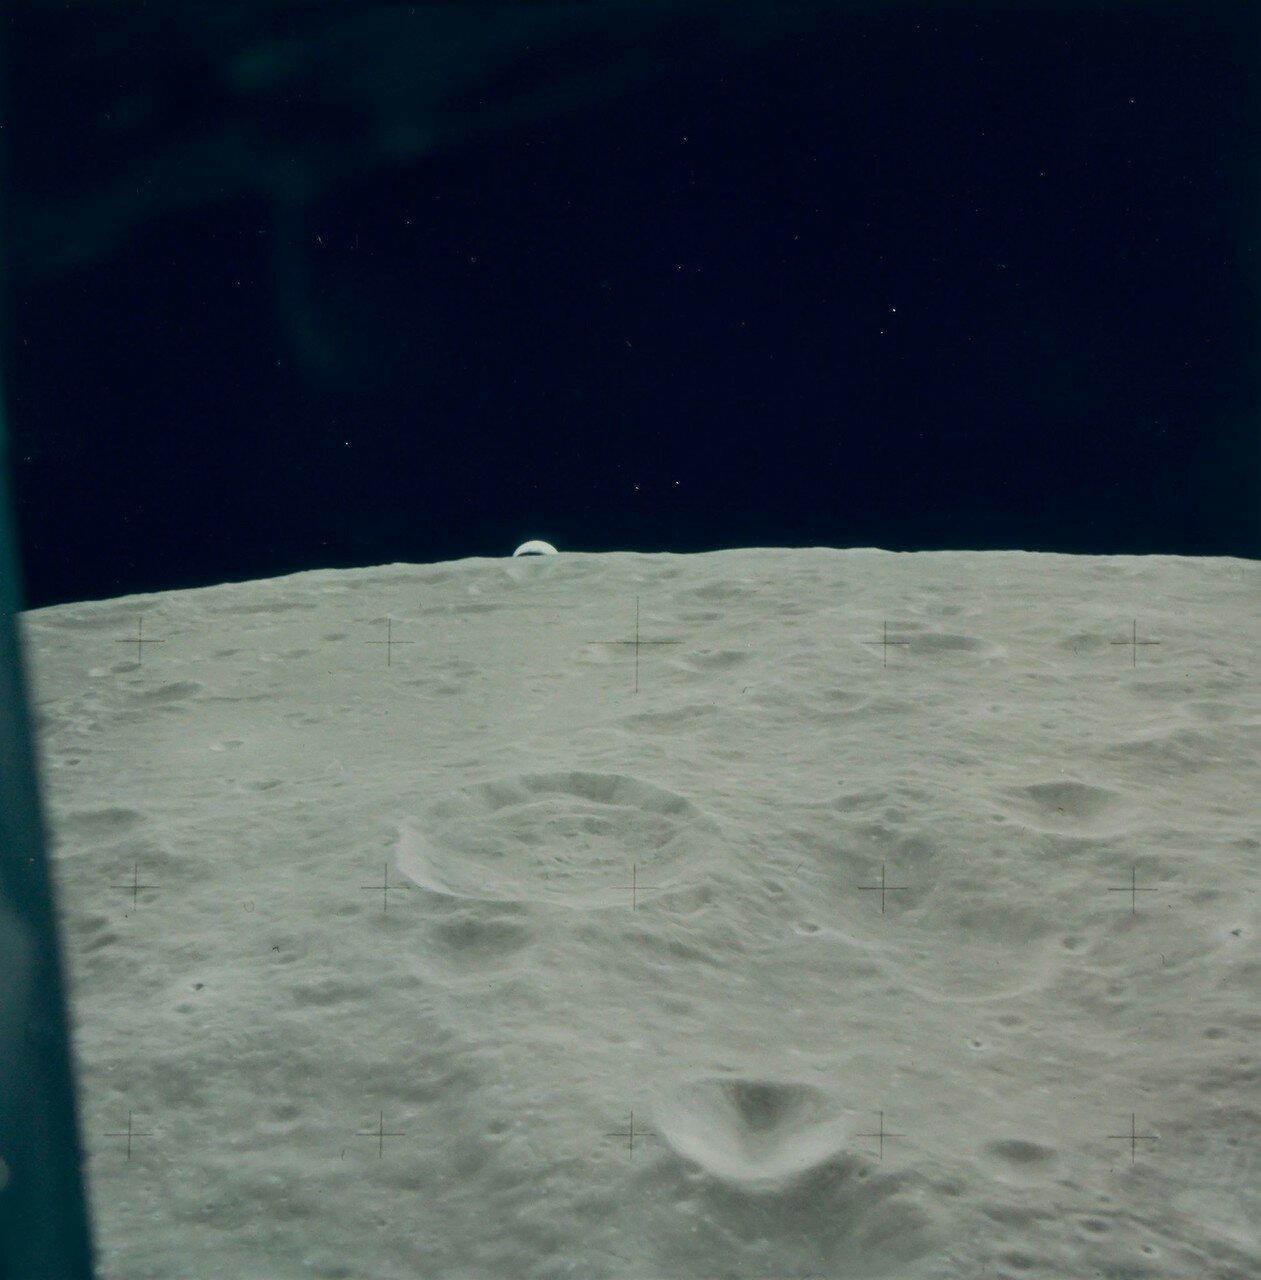 На высоте около 10 км радиолокатор должен был произвести захват поверхности Луны, однако захвата не произошло. Если бы радиолокатор не сработал, от посадки, согласно инструкции, пришлось бы отказаться. На снимке: Восход Земли во время спуска ЛМ